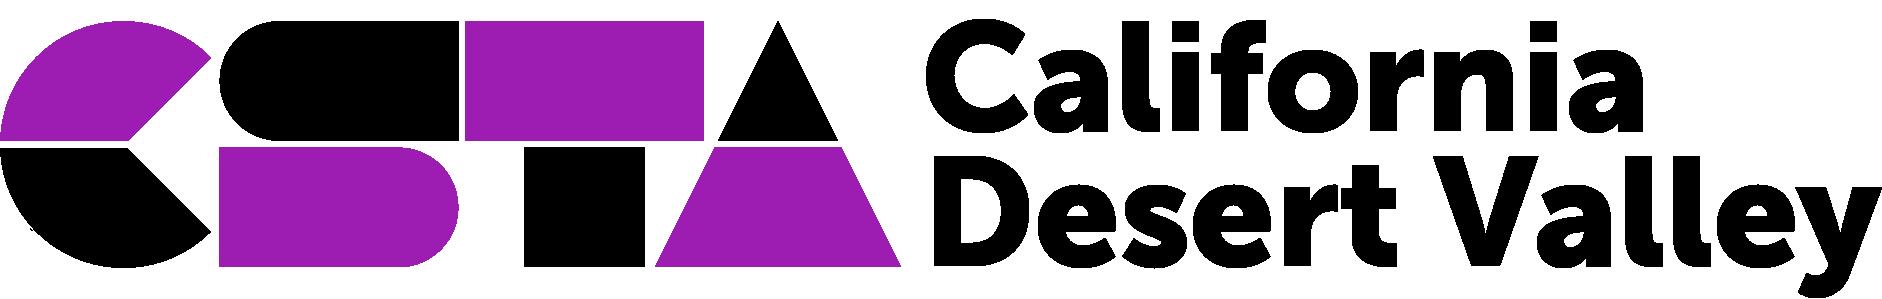 CSTA California Desert Valley logo